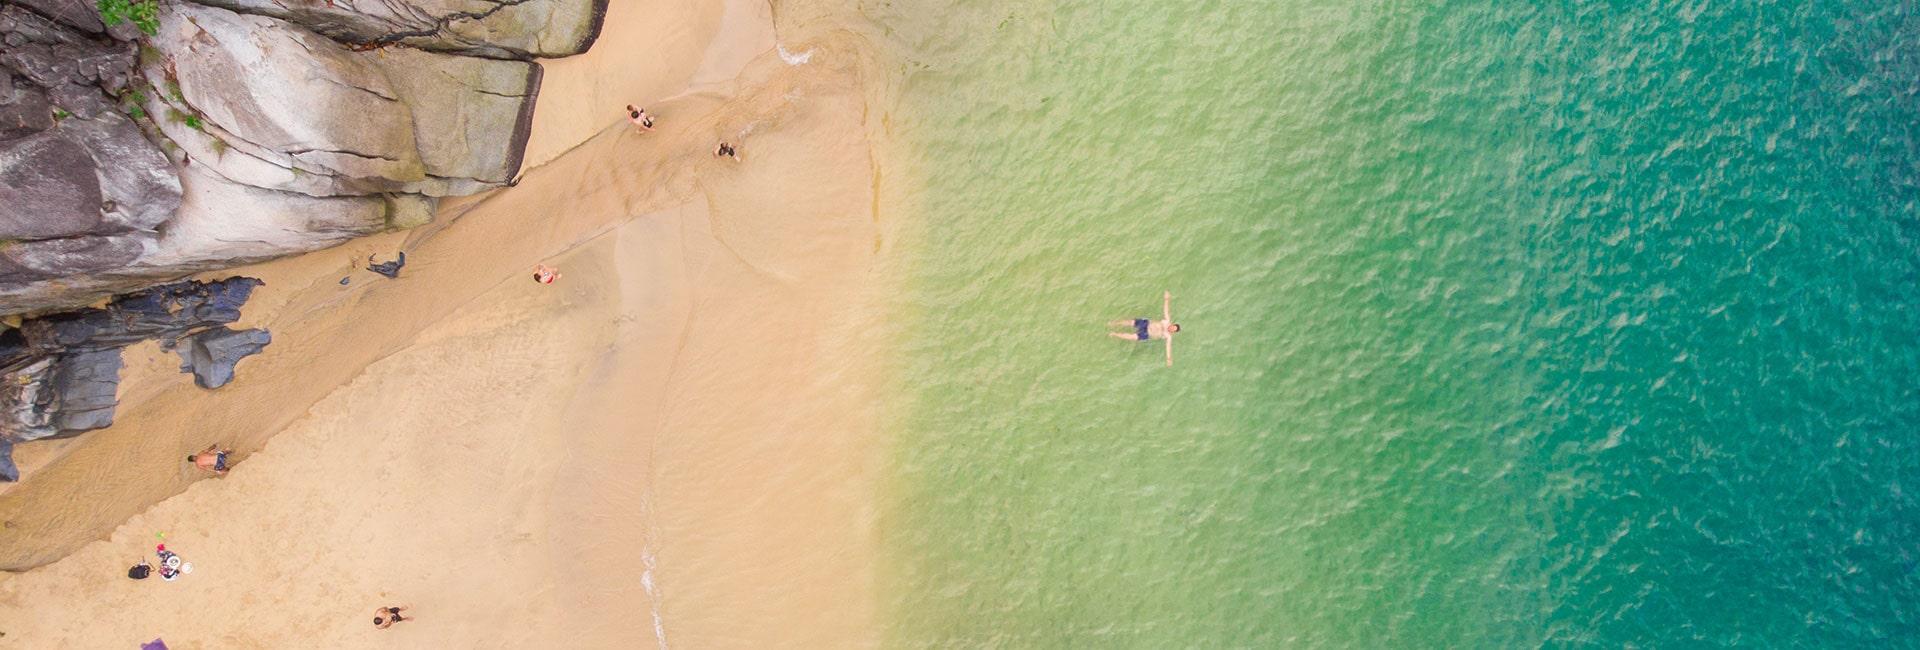 Beach in riviera nayarit